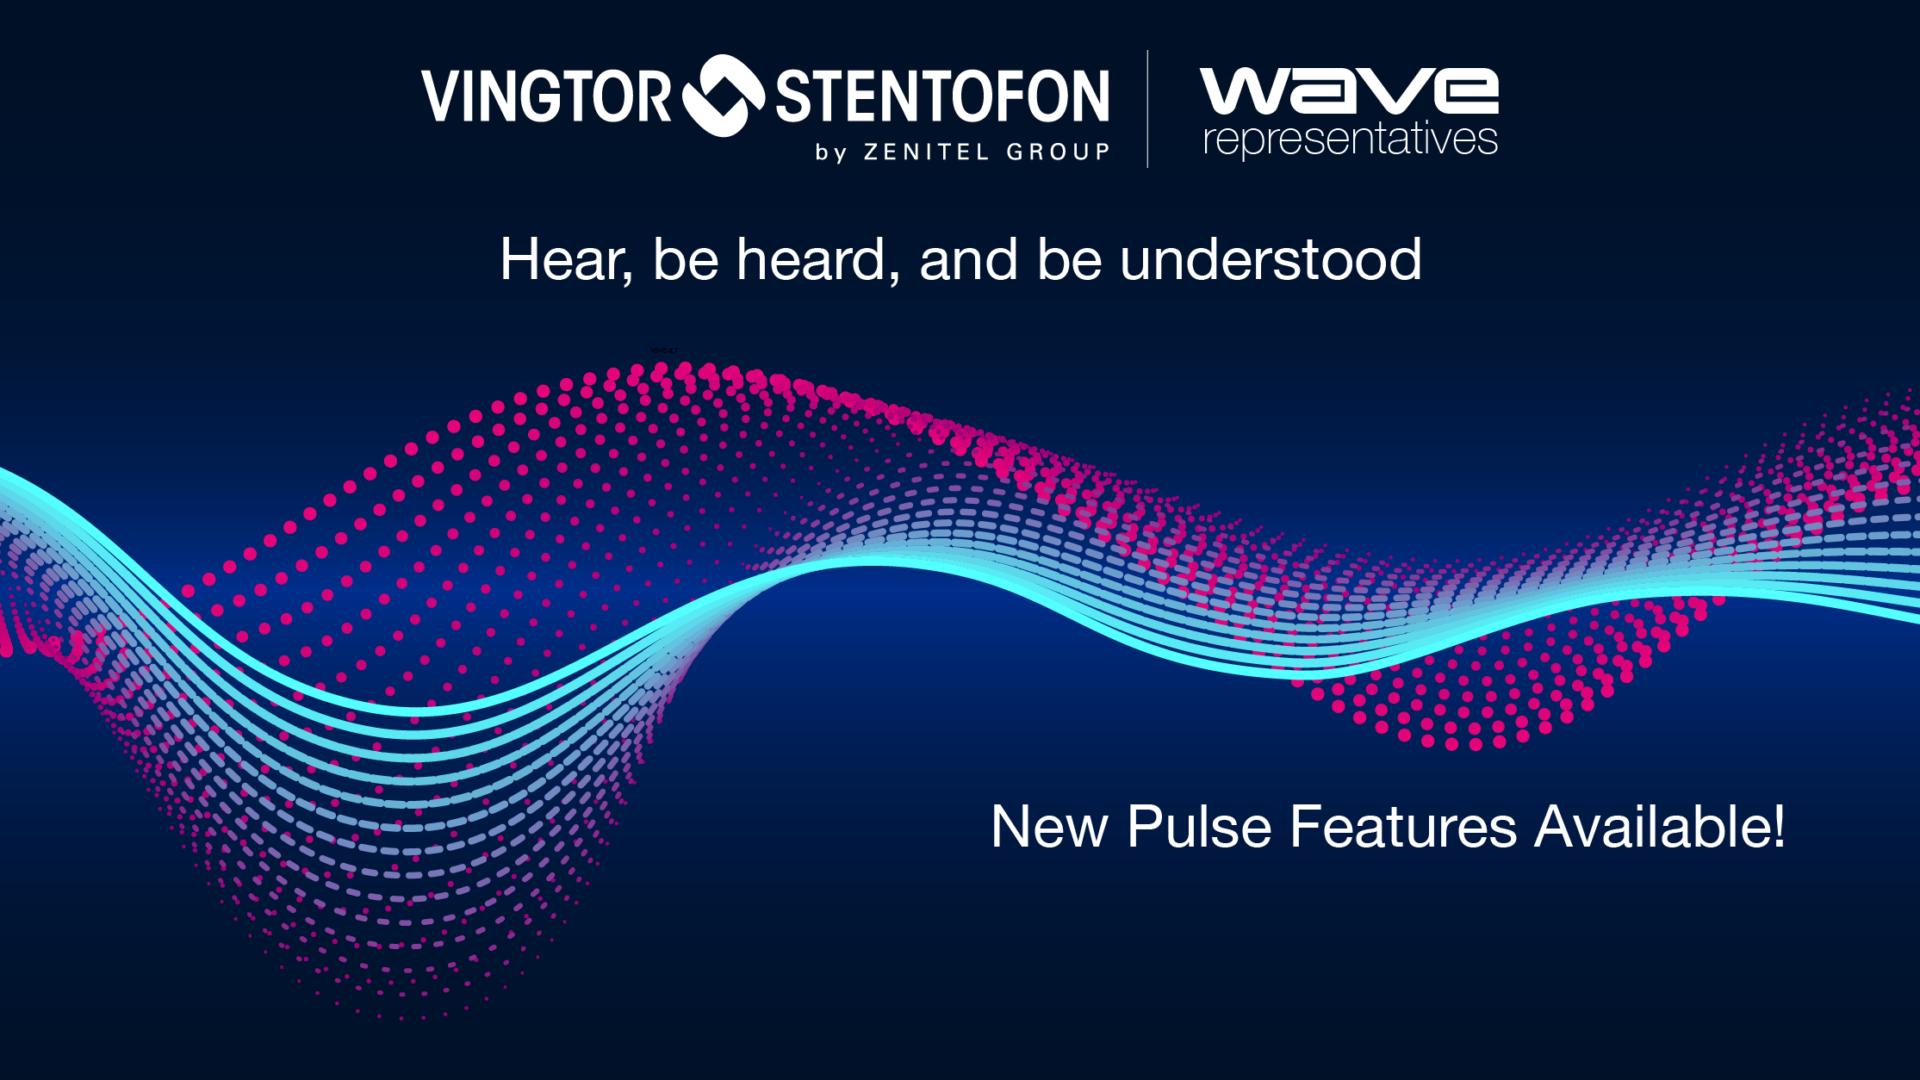 Waves-03---Stentofon-Advert-2400x1254